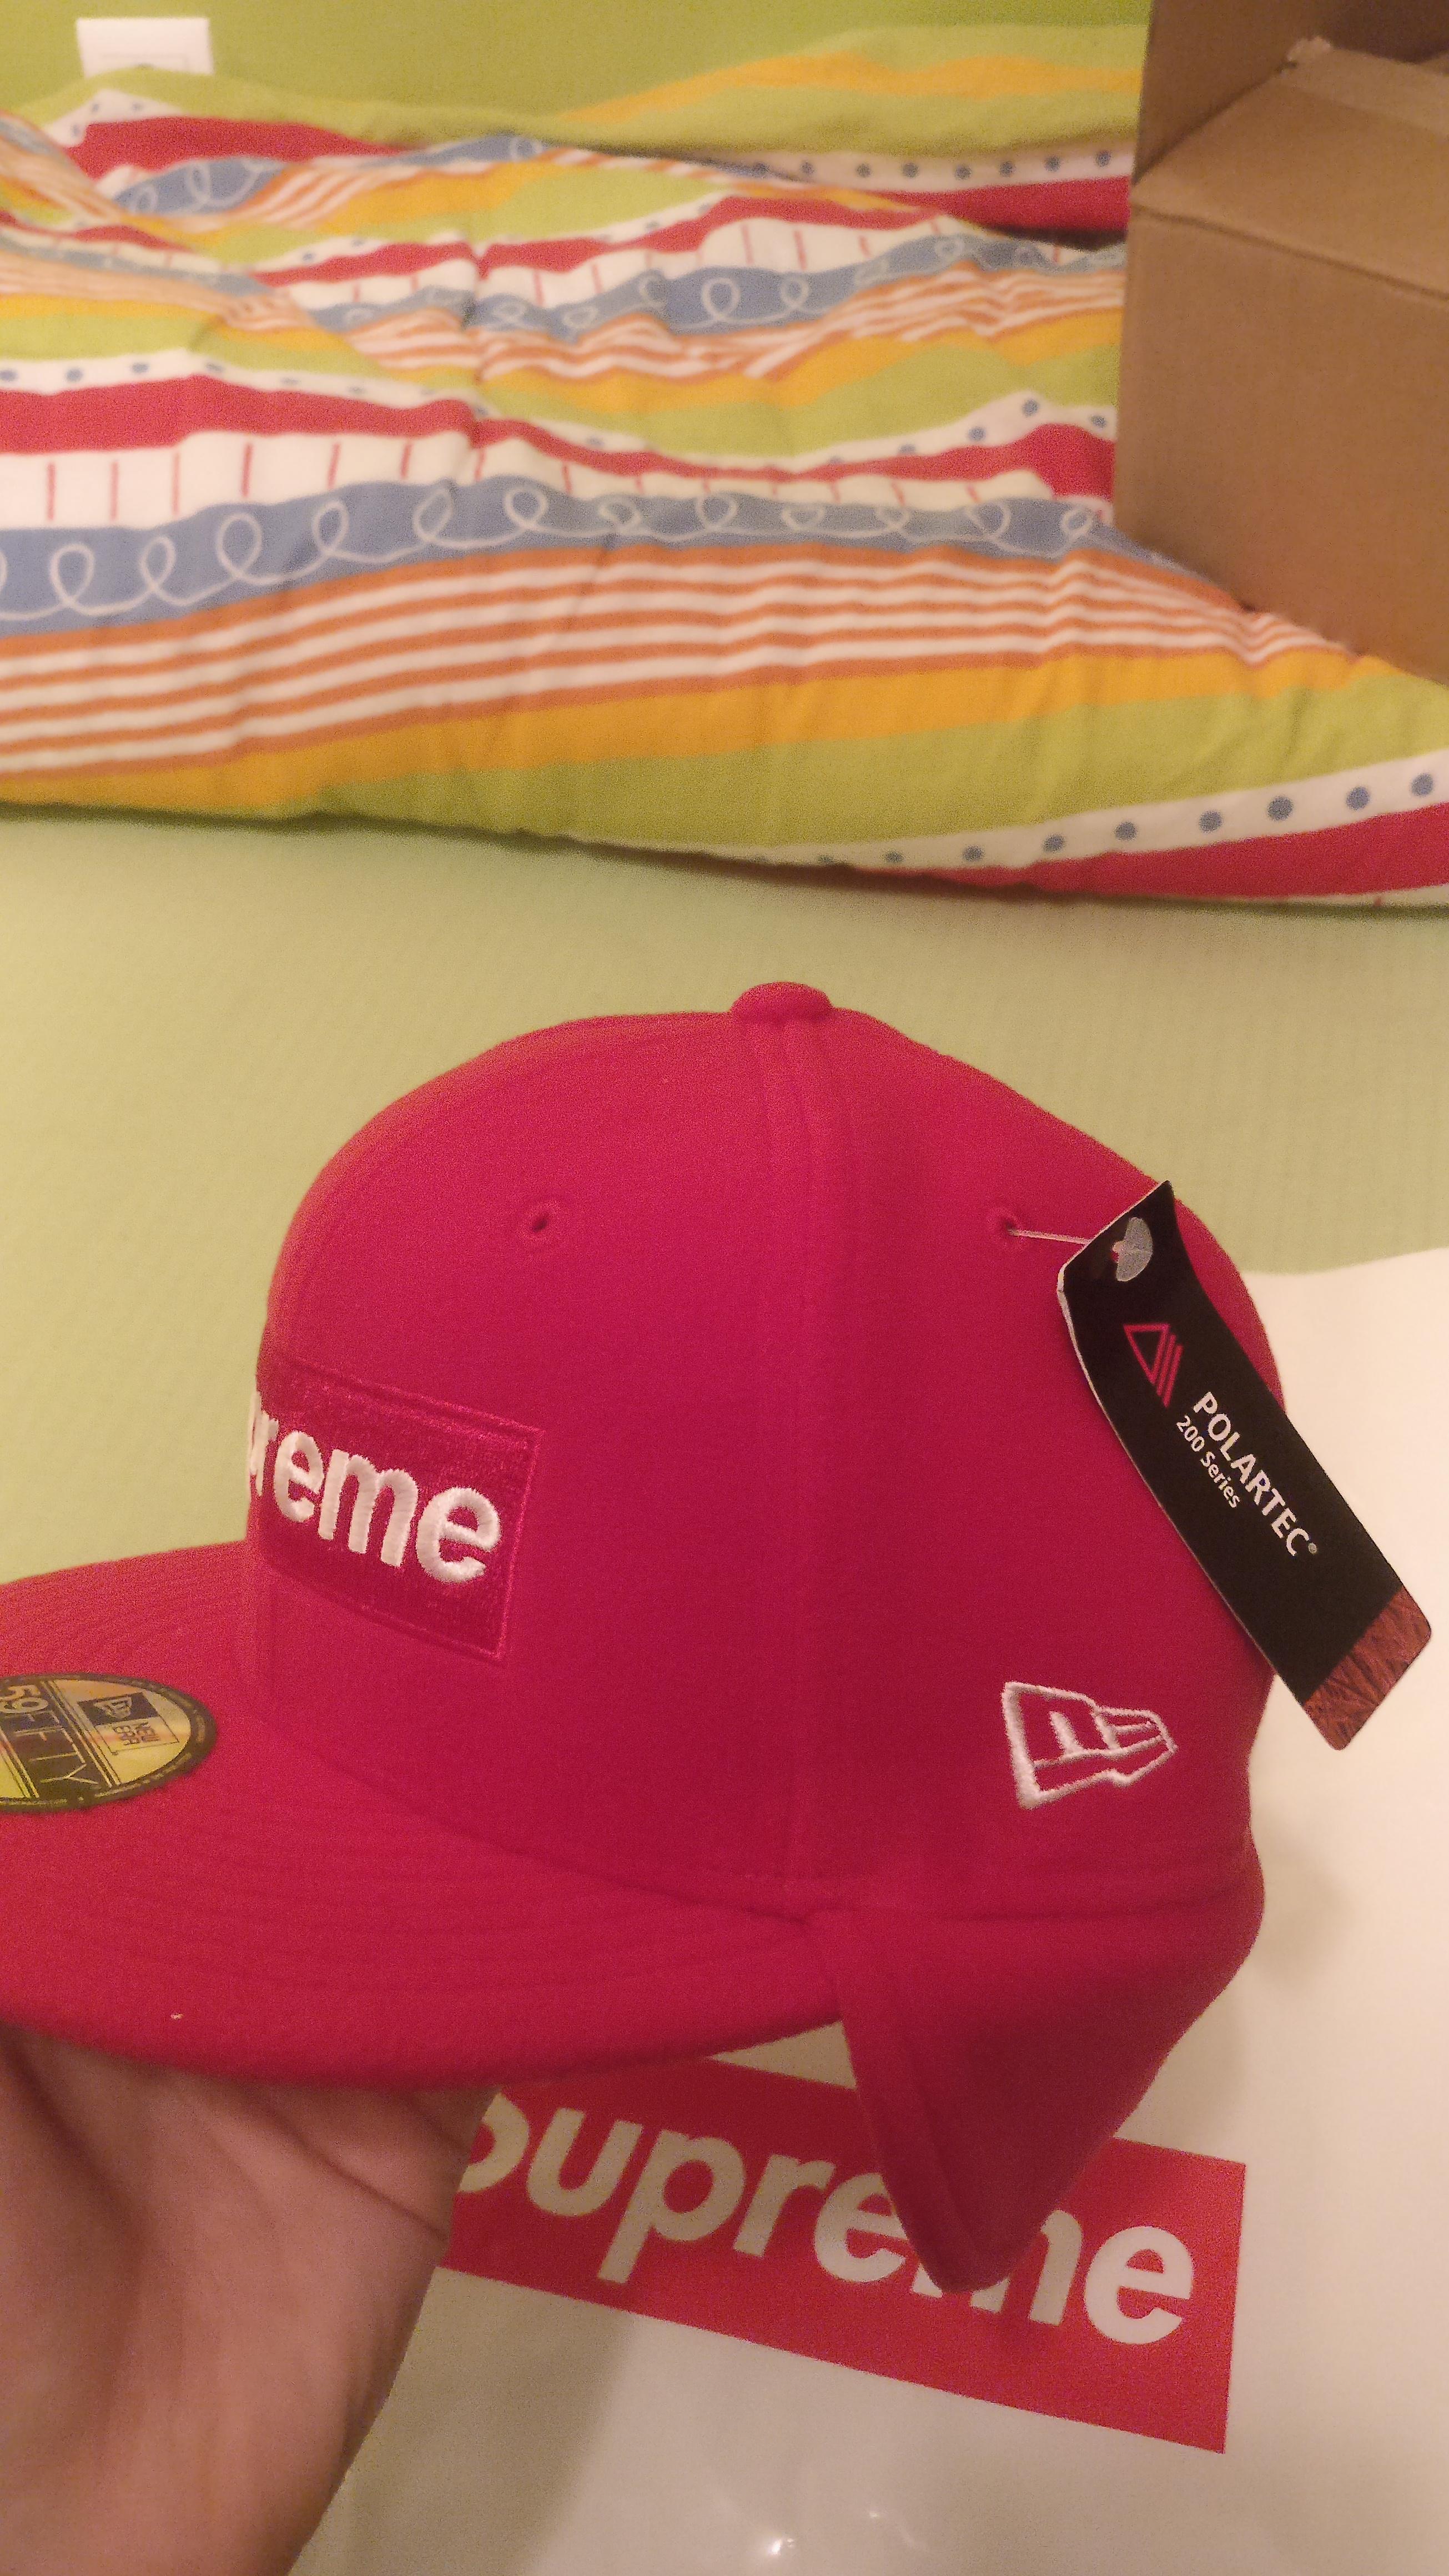 cd971b2b784 Supreme Supreme Polartec Ear Flap New Era Hat Size one size - Hats ...